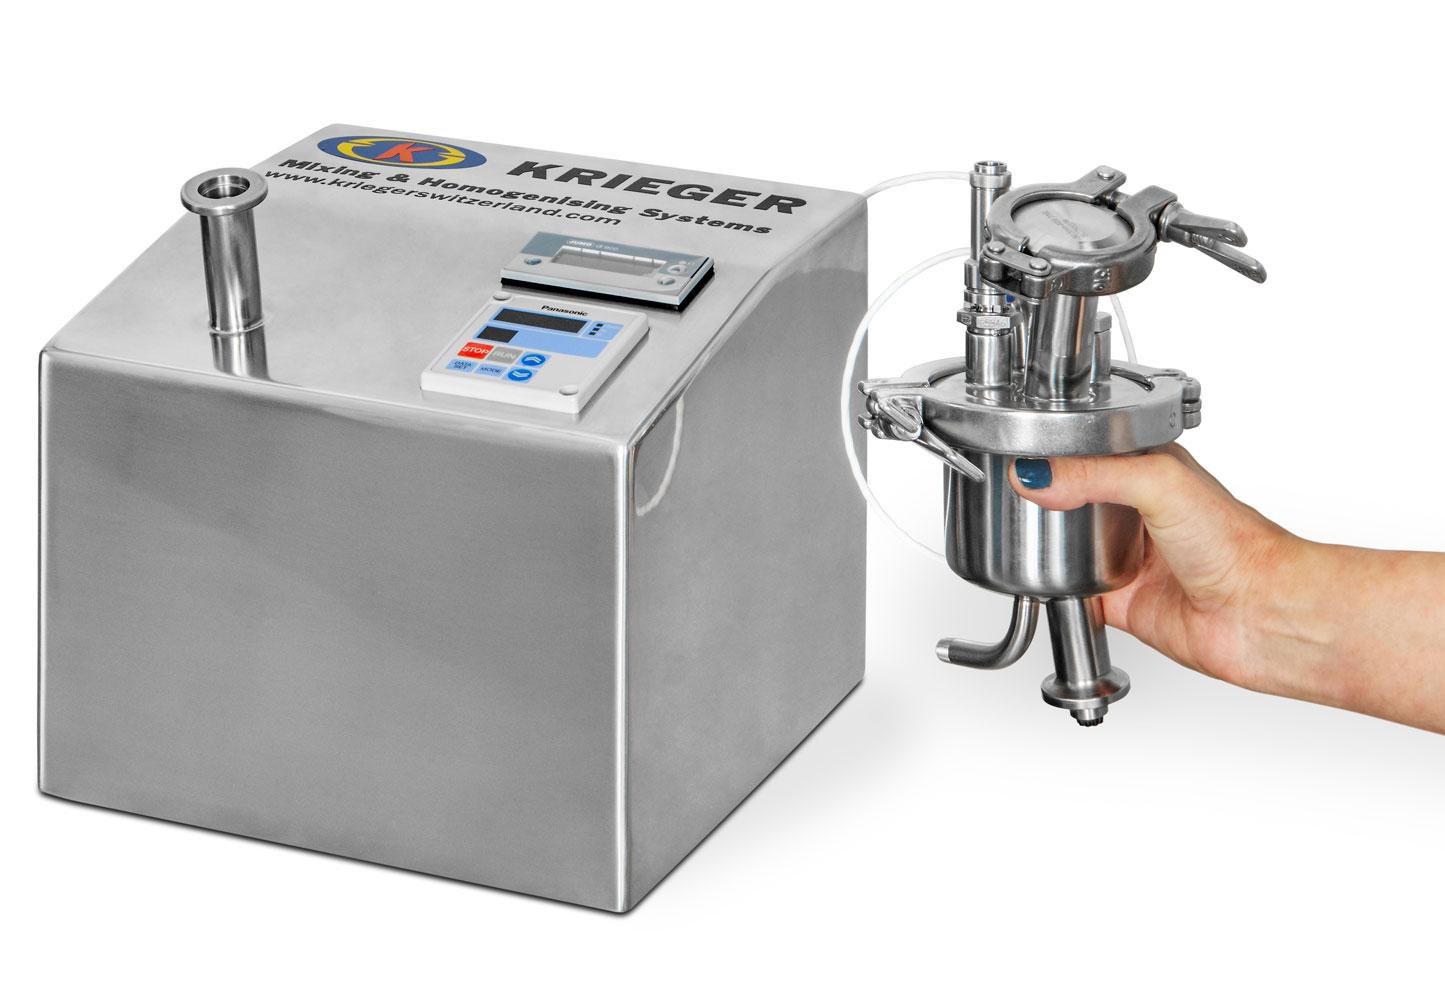 Biologics Micro Mixer 0.1 Liter Krieger Switzerland